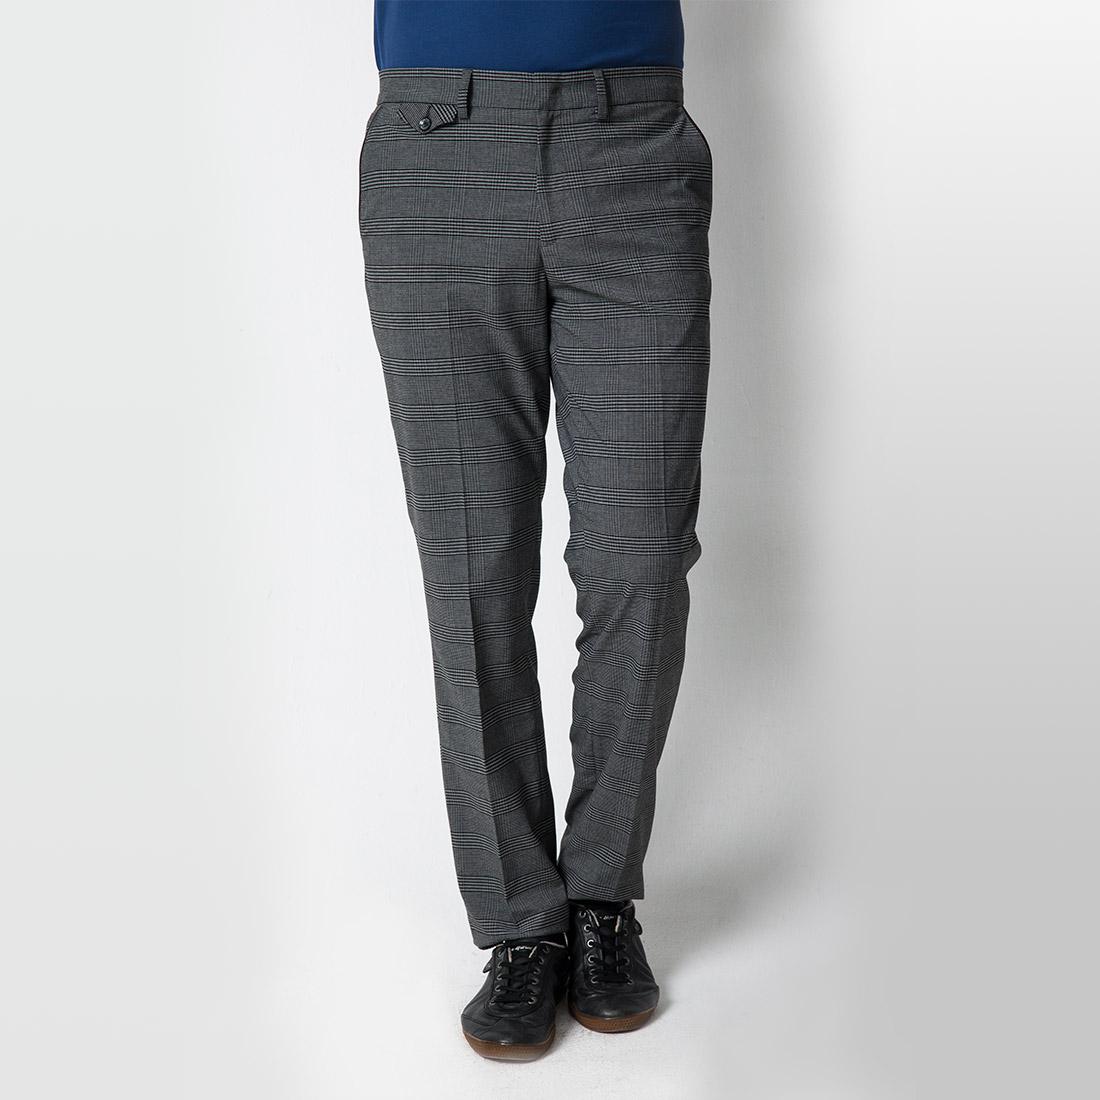 Herren Funktions-Golfhose in klassischem Karo mit enger Passform und Stretch